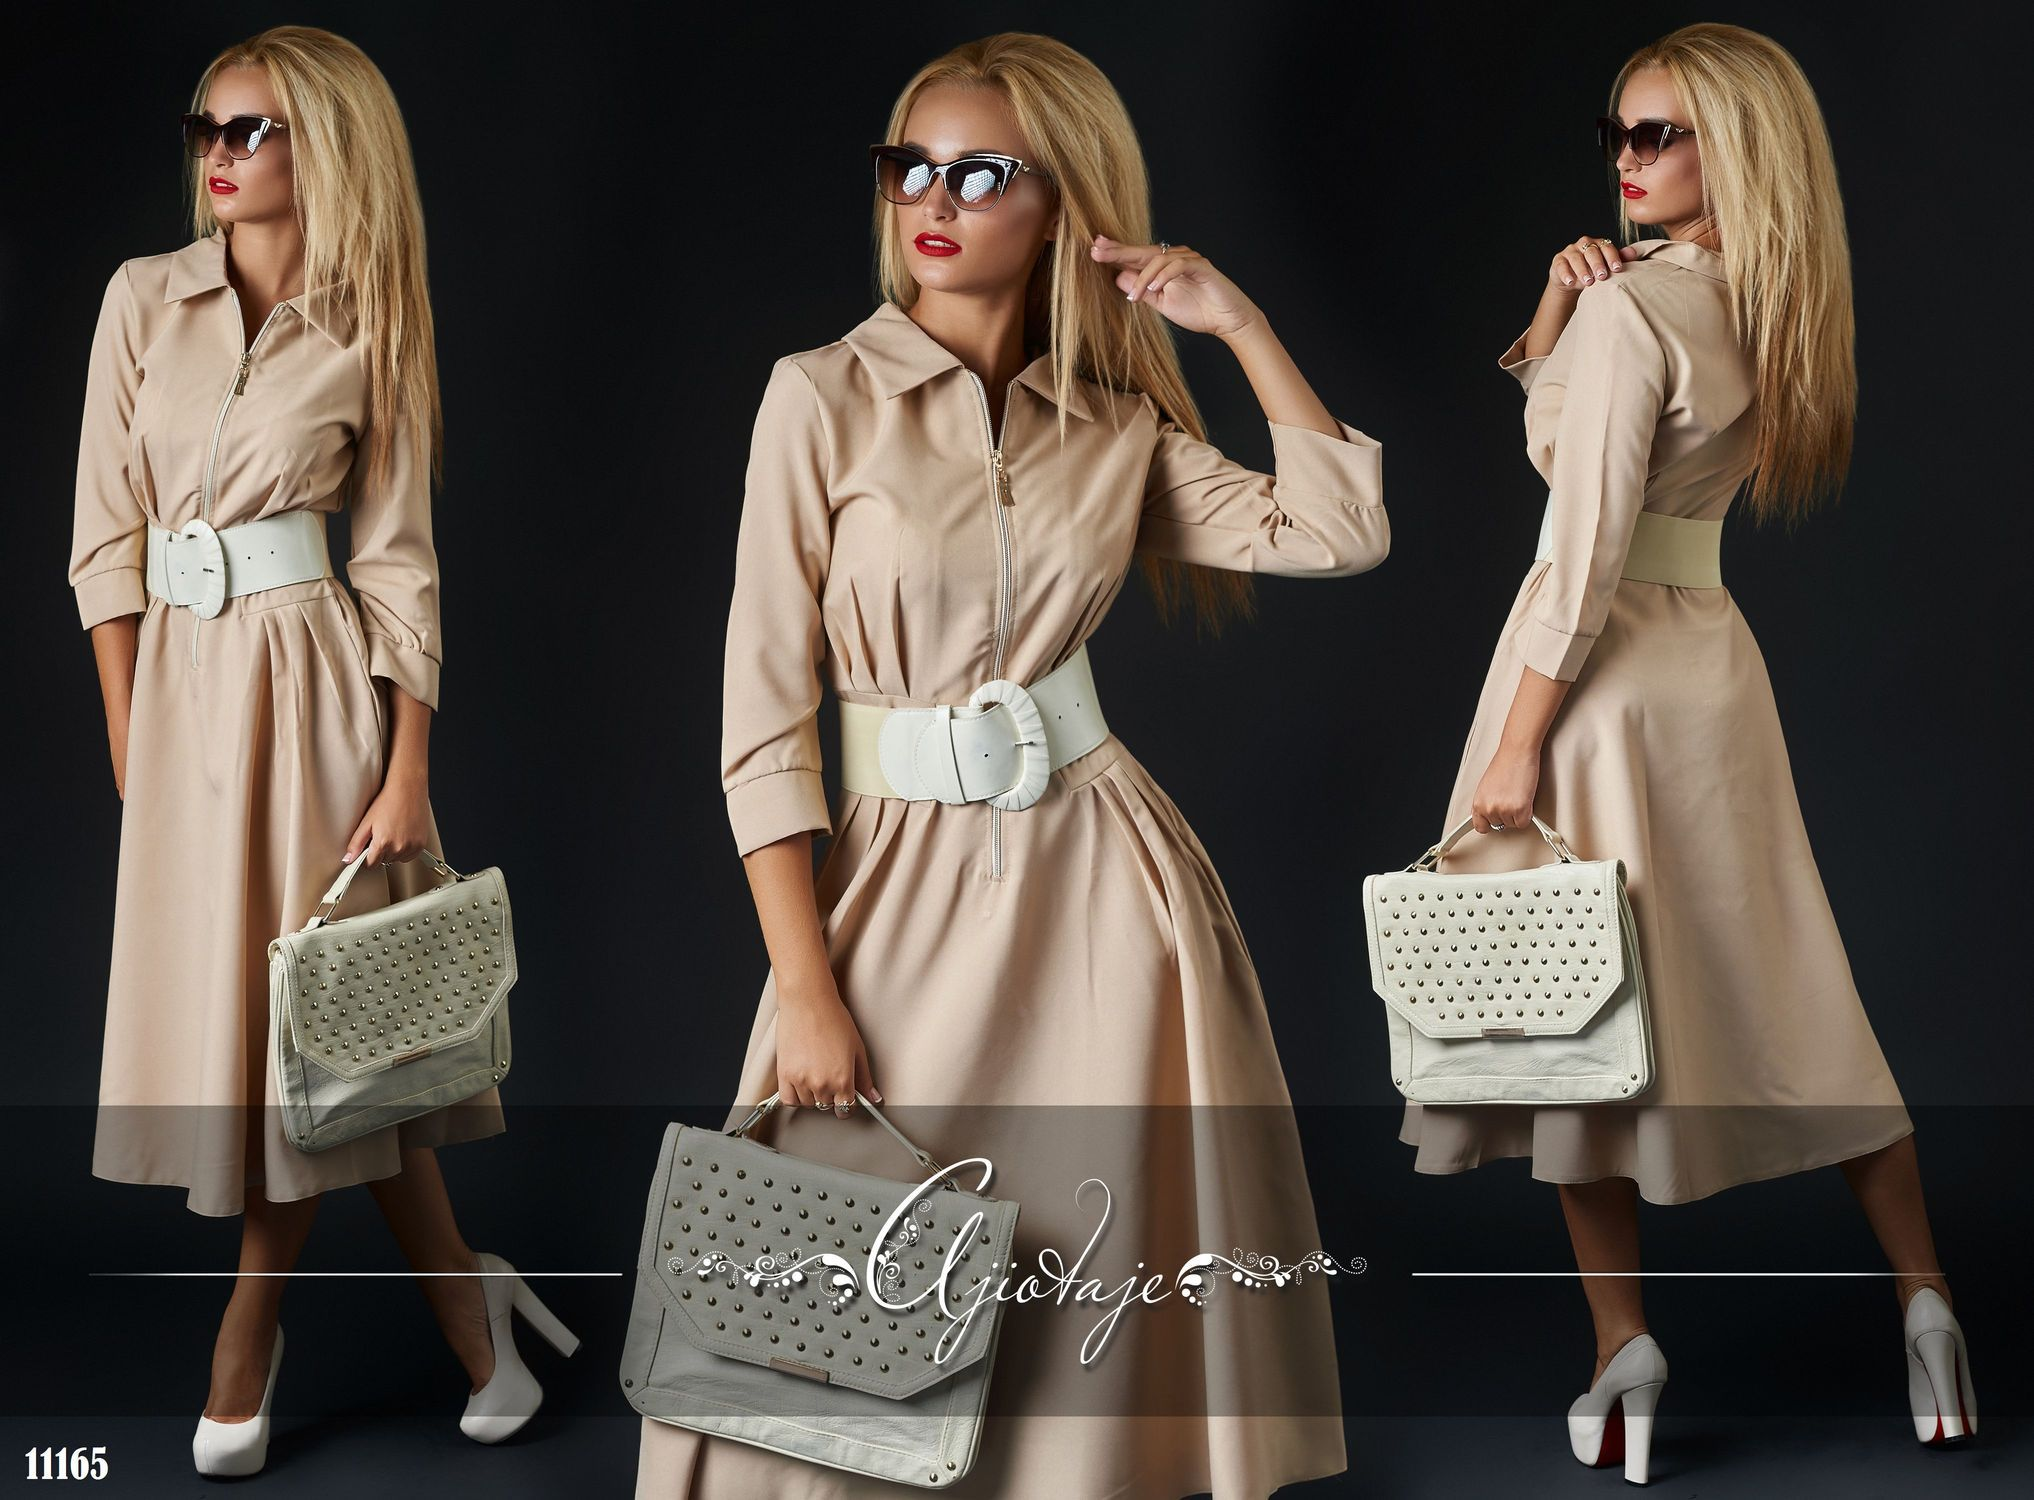 Сбор заказов. Качественная женская одежда по супер выгодным ценам (от 500 руб) на разные типы фигур (до 62 р-ра). Много новинок